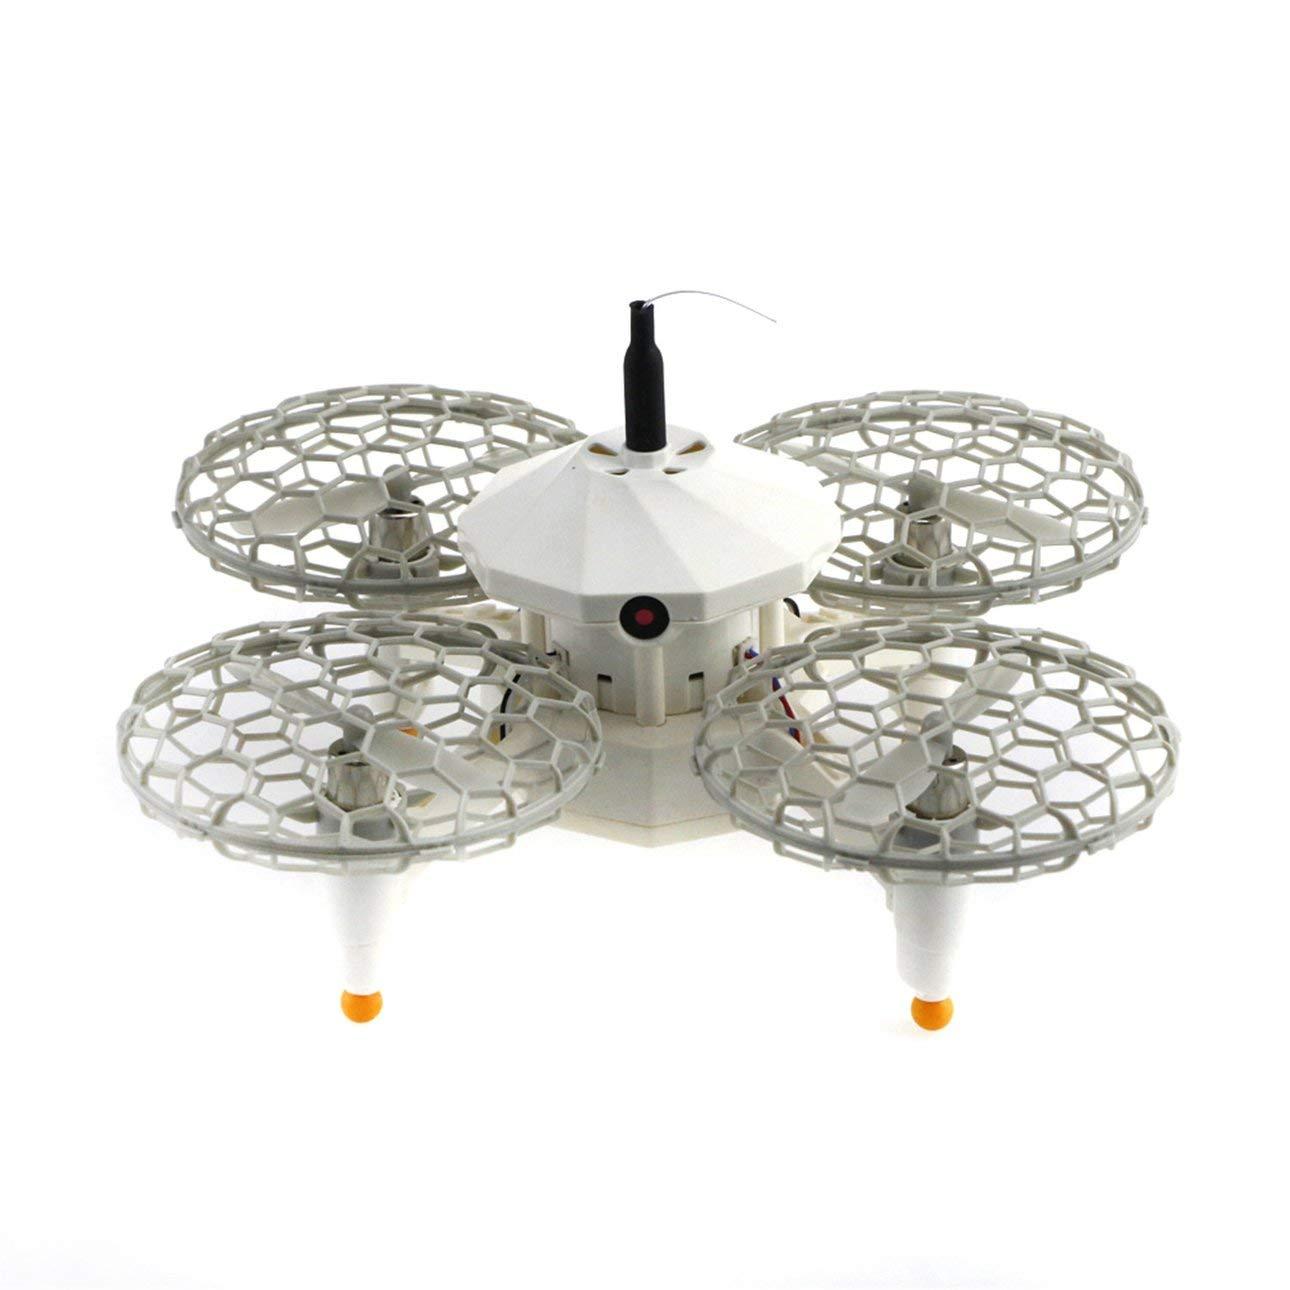 Ballylelly RC-Drohne mit CameraJJRC X10C Folding 30W Kamera-Fernbedienung Quadcopter WiFi FPV Headless Höhenlage EIN-Tasten-Start / Landedrohne